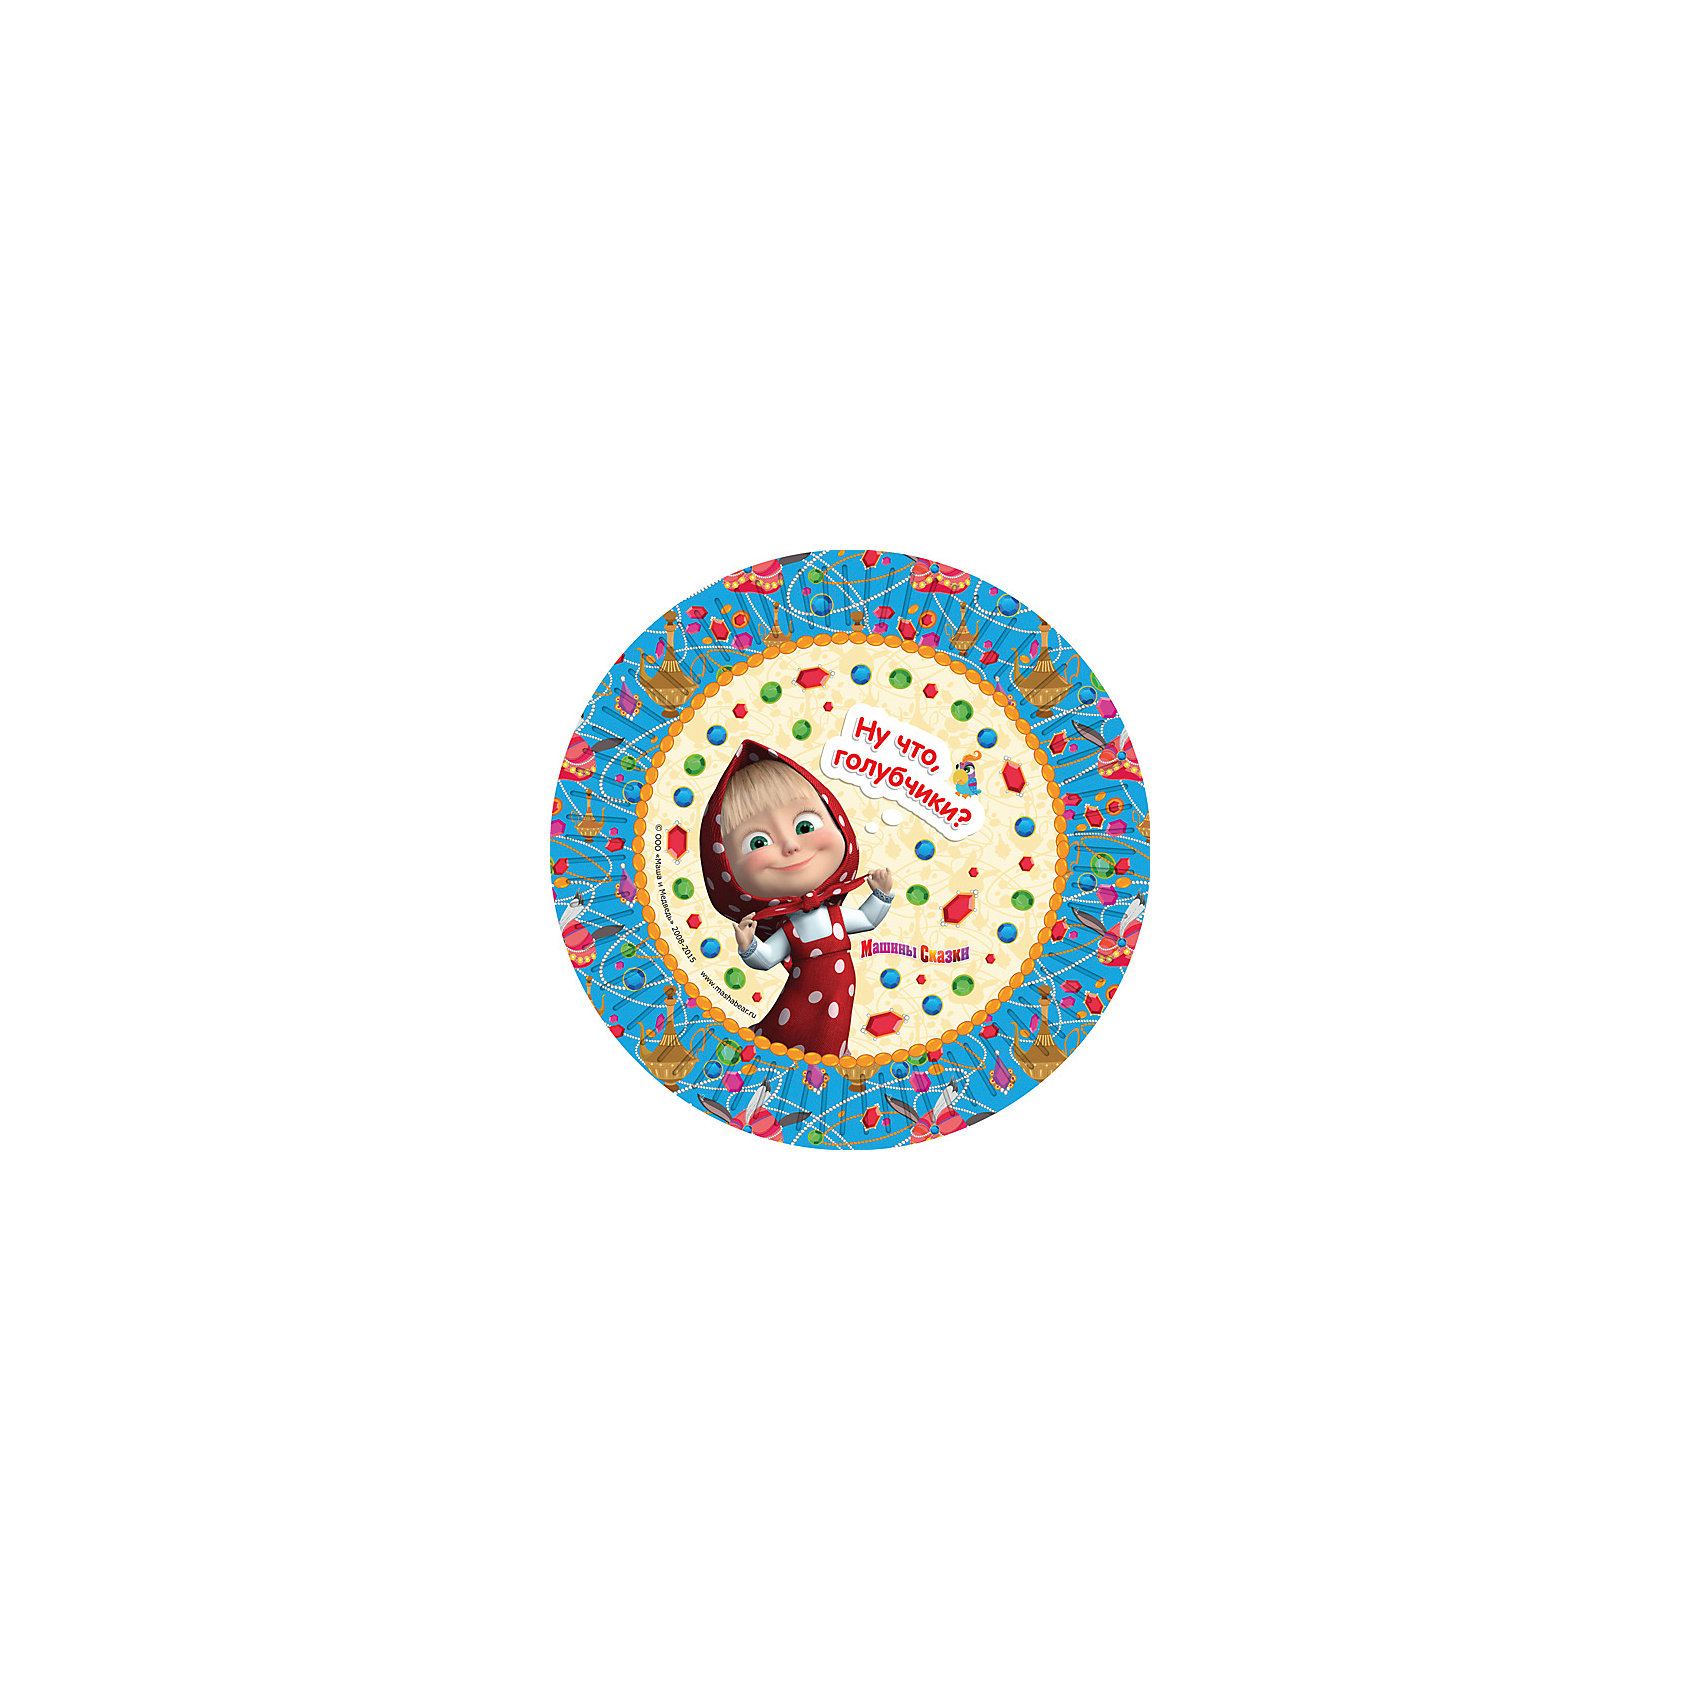 Набор тарелок Машины сказки (23 см, 6 шт)Набор тарелок Машины сказки (23 см, 6 шт) – этот набор замечательно подойдет для детского праздника и поможет красиво сервировать стол.<br>Одноразовые тарелки «Машины сказки» с ярким, жизнерадостным дизайном стильно украсят праздничный стол и поднимут всем настроение. А на пикнике они просто необходимы! Их практическую пользу невозможно переоценить: они почти невесомы, не могут разбиться, их не надо мыть. Сделанные из плотной бумаги, они абсолютно безопасны и, благодаря глянцевому ламинированию, прекрасно удерживают еду. Из данной серии вы также можете выбрать скатерть, салфетки, стаканы, язычки, колпаки, дудочки, подарочный набор посуды, приглашение в конверте, гирлянду, свечи и другие товары.<br><br>Дополнительная информация:<br><br>- В наборе: 6 бумажных тарелок диаметром 23 см.<br>- Материал: плотная бумага<br>- Размер упаковки: 230 х 230 x 20 мм.<br>- Вес: 80 гр.<br><br>Набор тарелок Машины сказки (23 см, 6 шт) можно купить в нашем интернет-магазине.<br><br>Ширина мм: 230<br>Глубина мм: 230<br>Высота мм: 10<br>Вес г: 80<br>Возраст от месяцев: 36<br>Возраст до месяцев: 84<br>Пол: Женский<br>Возраст: Детский<br>SKU: 4278316